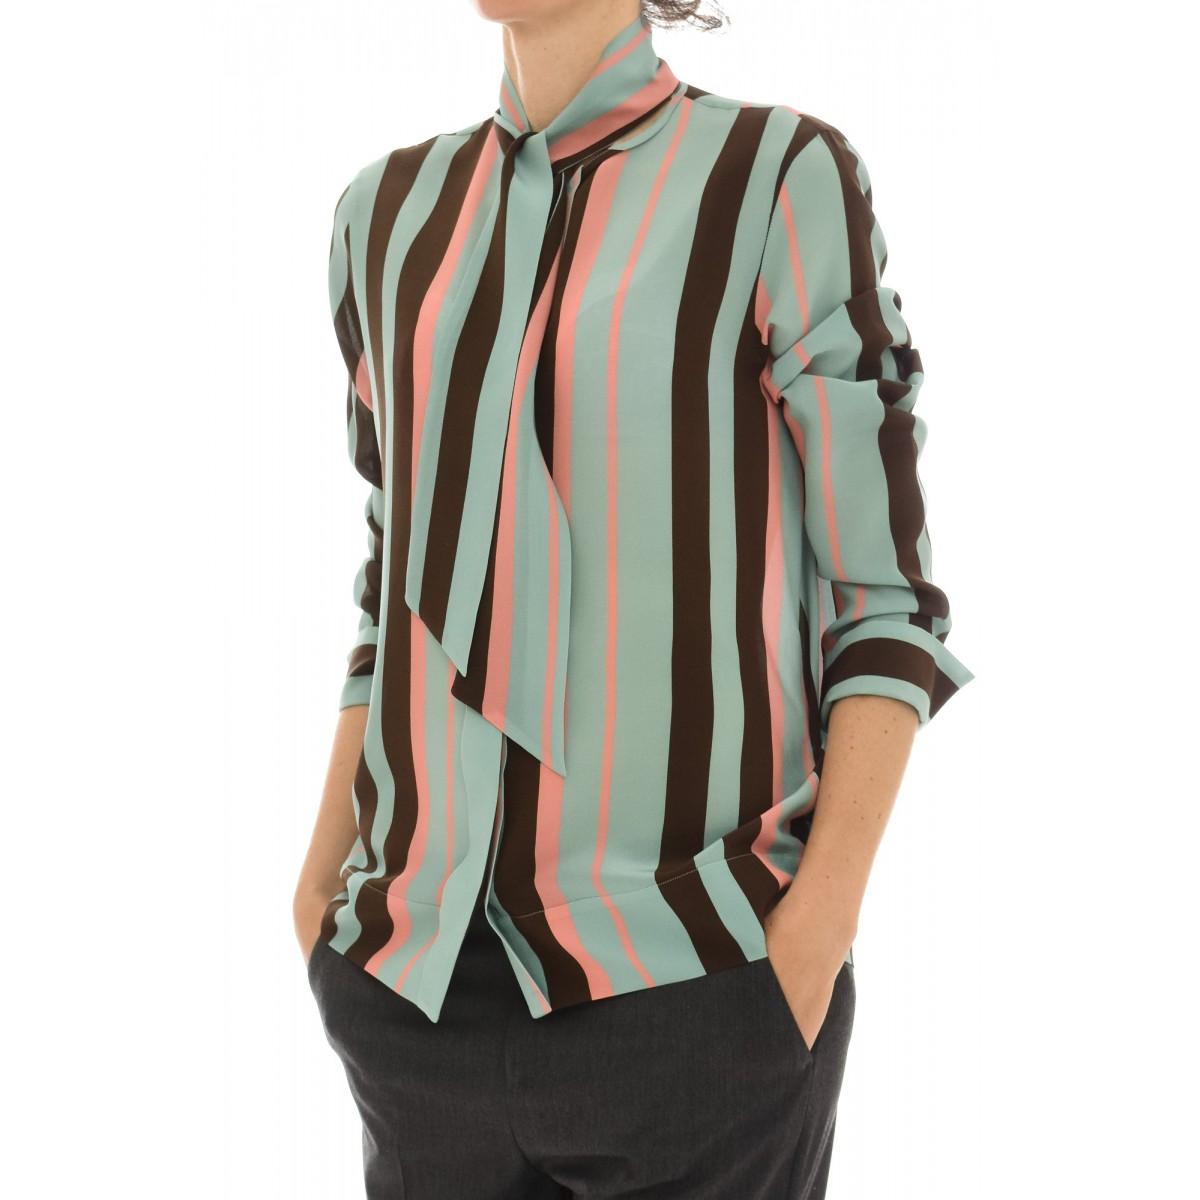 Camicia donna Archivio '67 - Rq6 d87 camicia seta fiocco